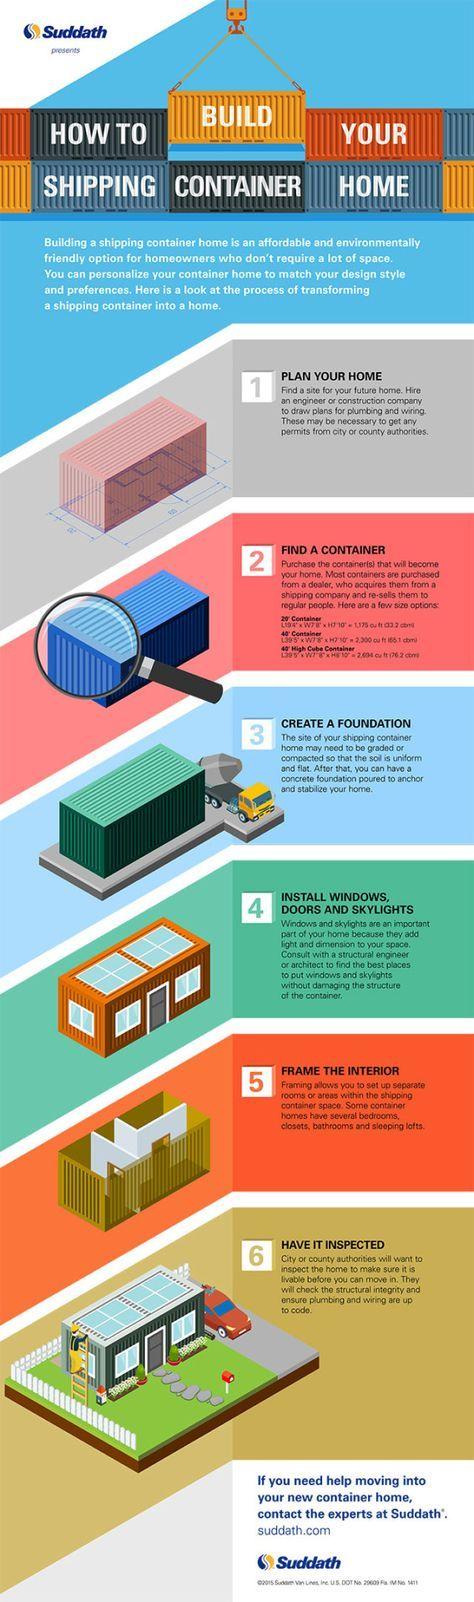 Hoe bouw je een containerwoning?